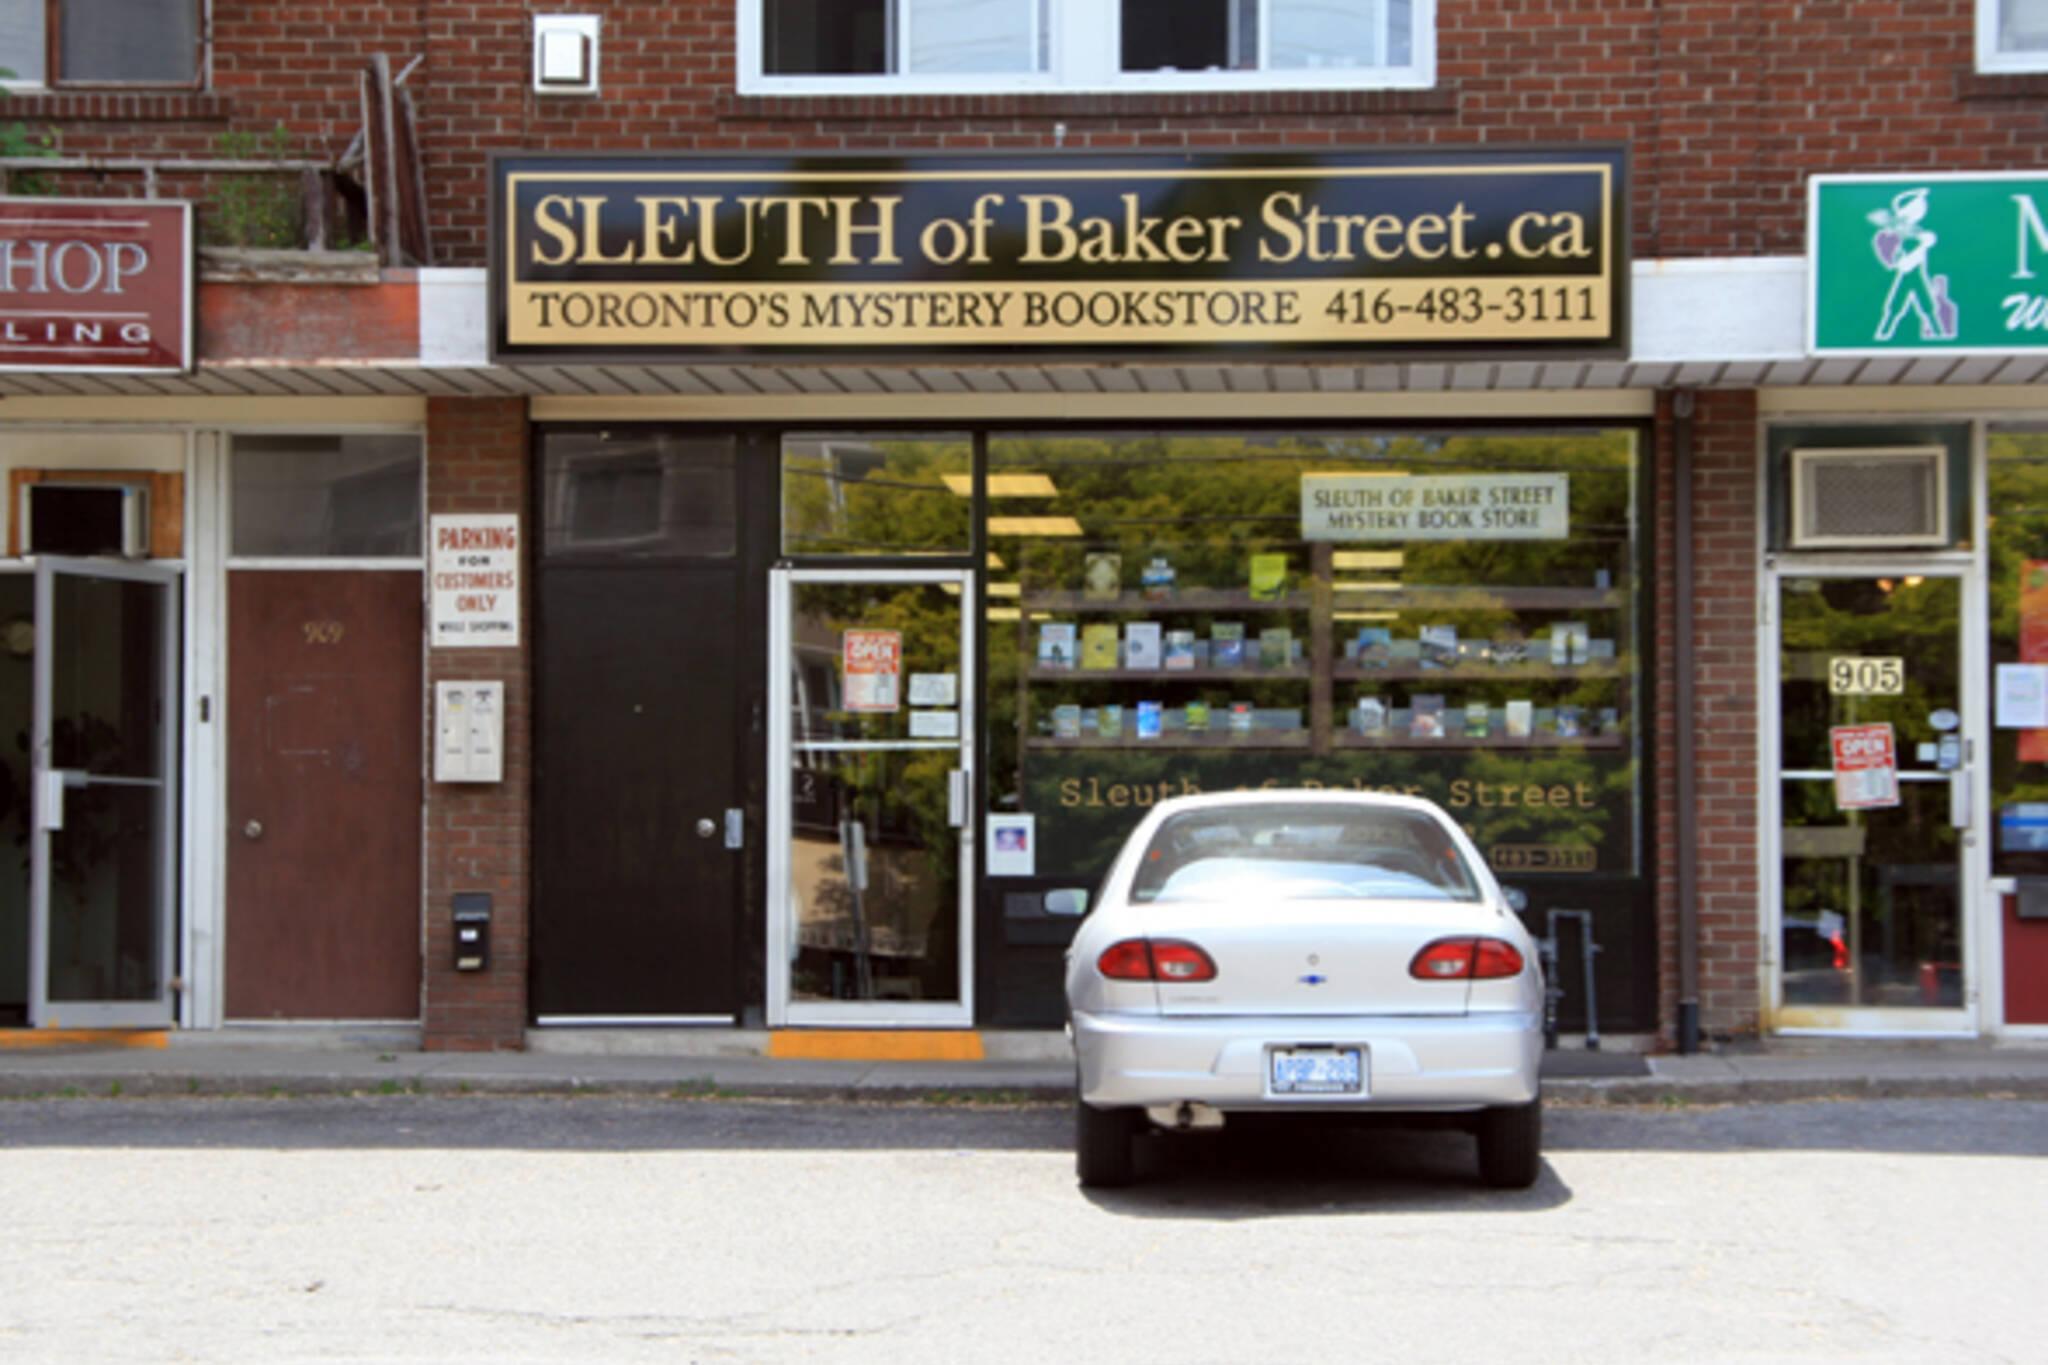 Sleuth of Baker Street